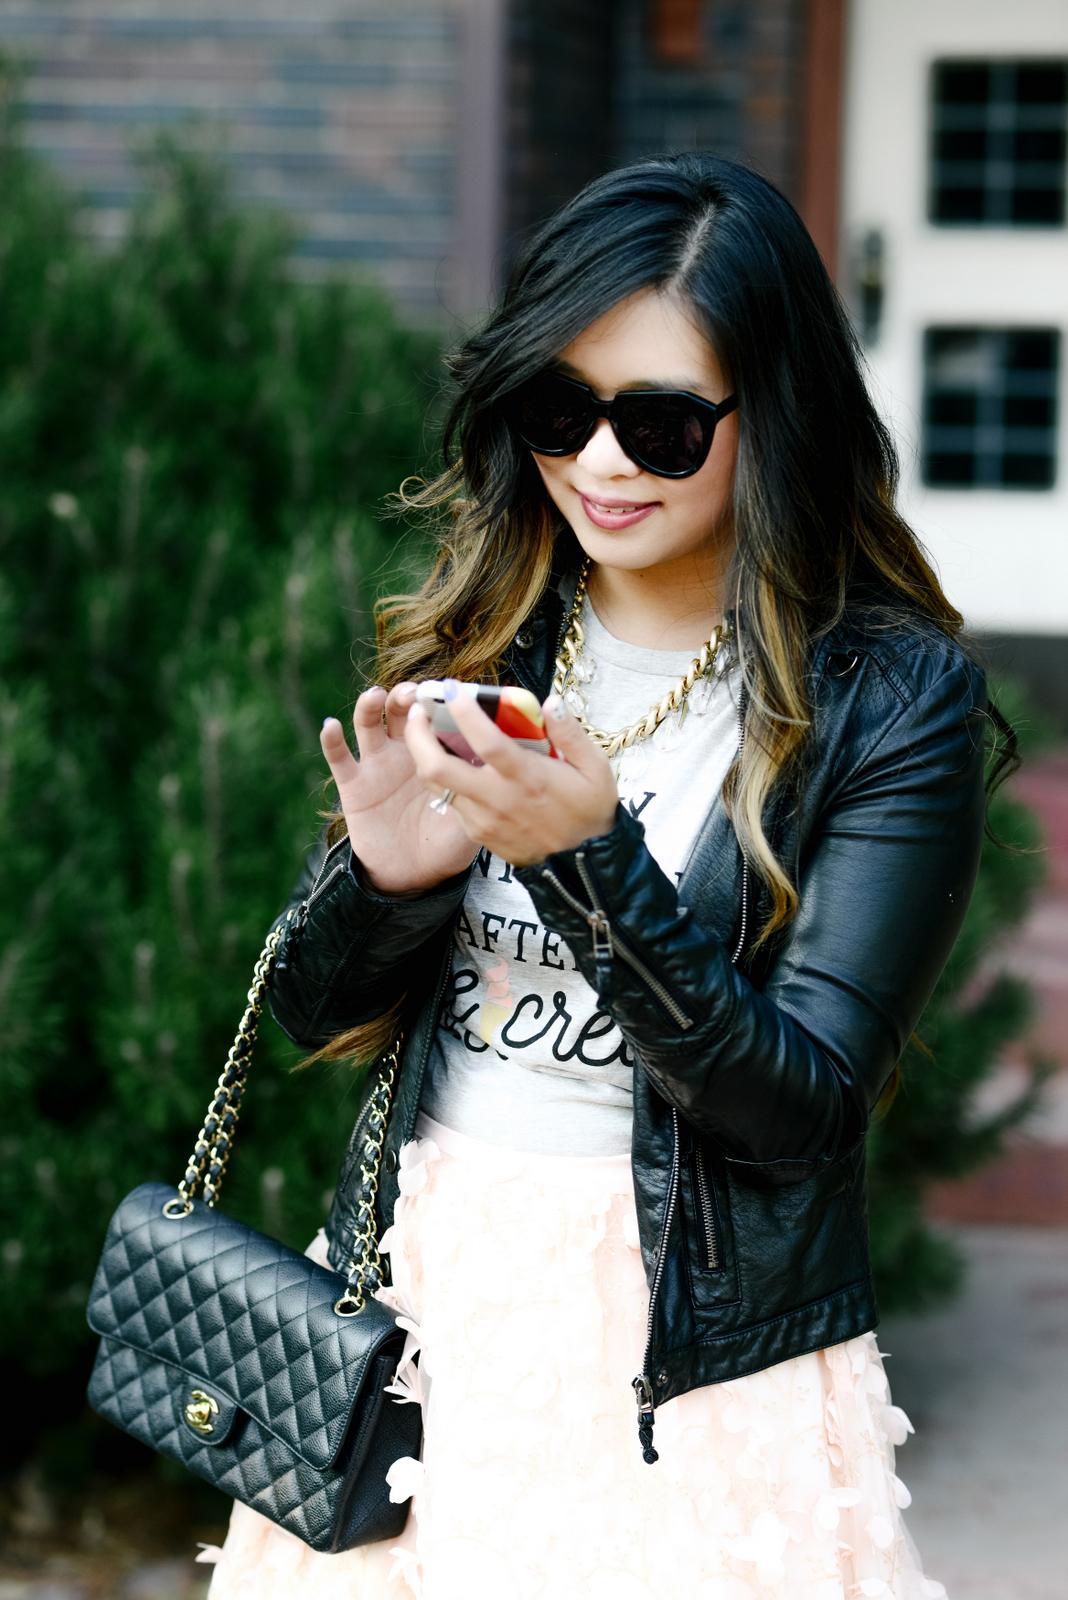 Fashion Blogger using Fashion Stash